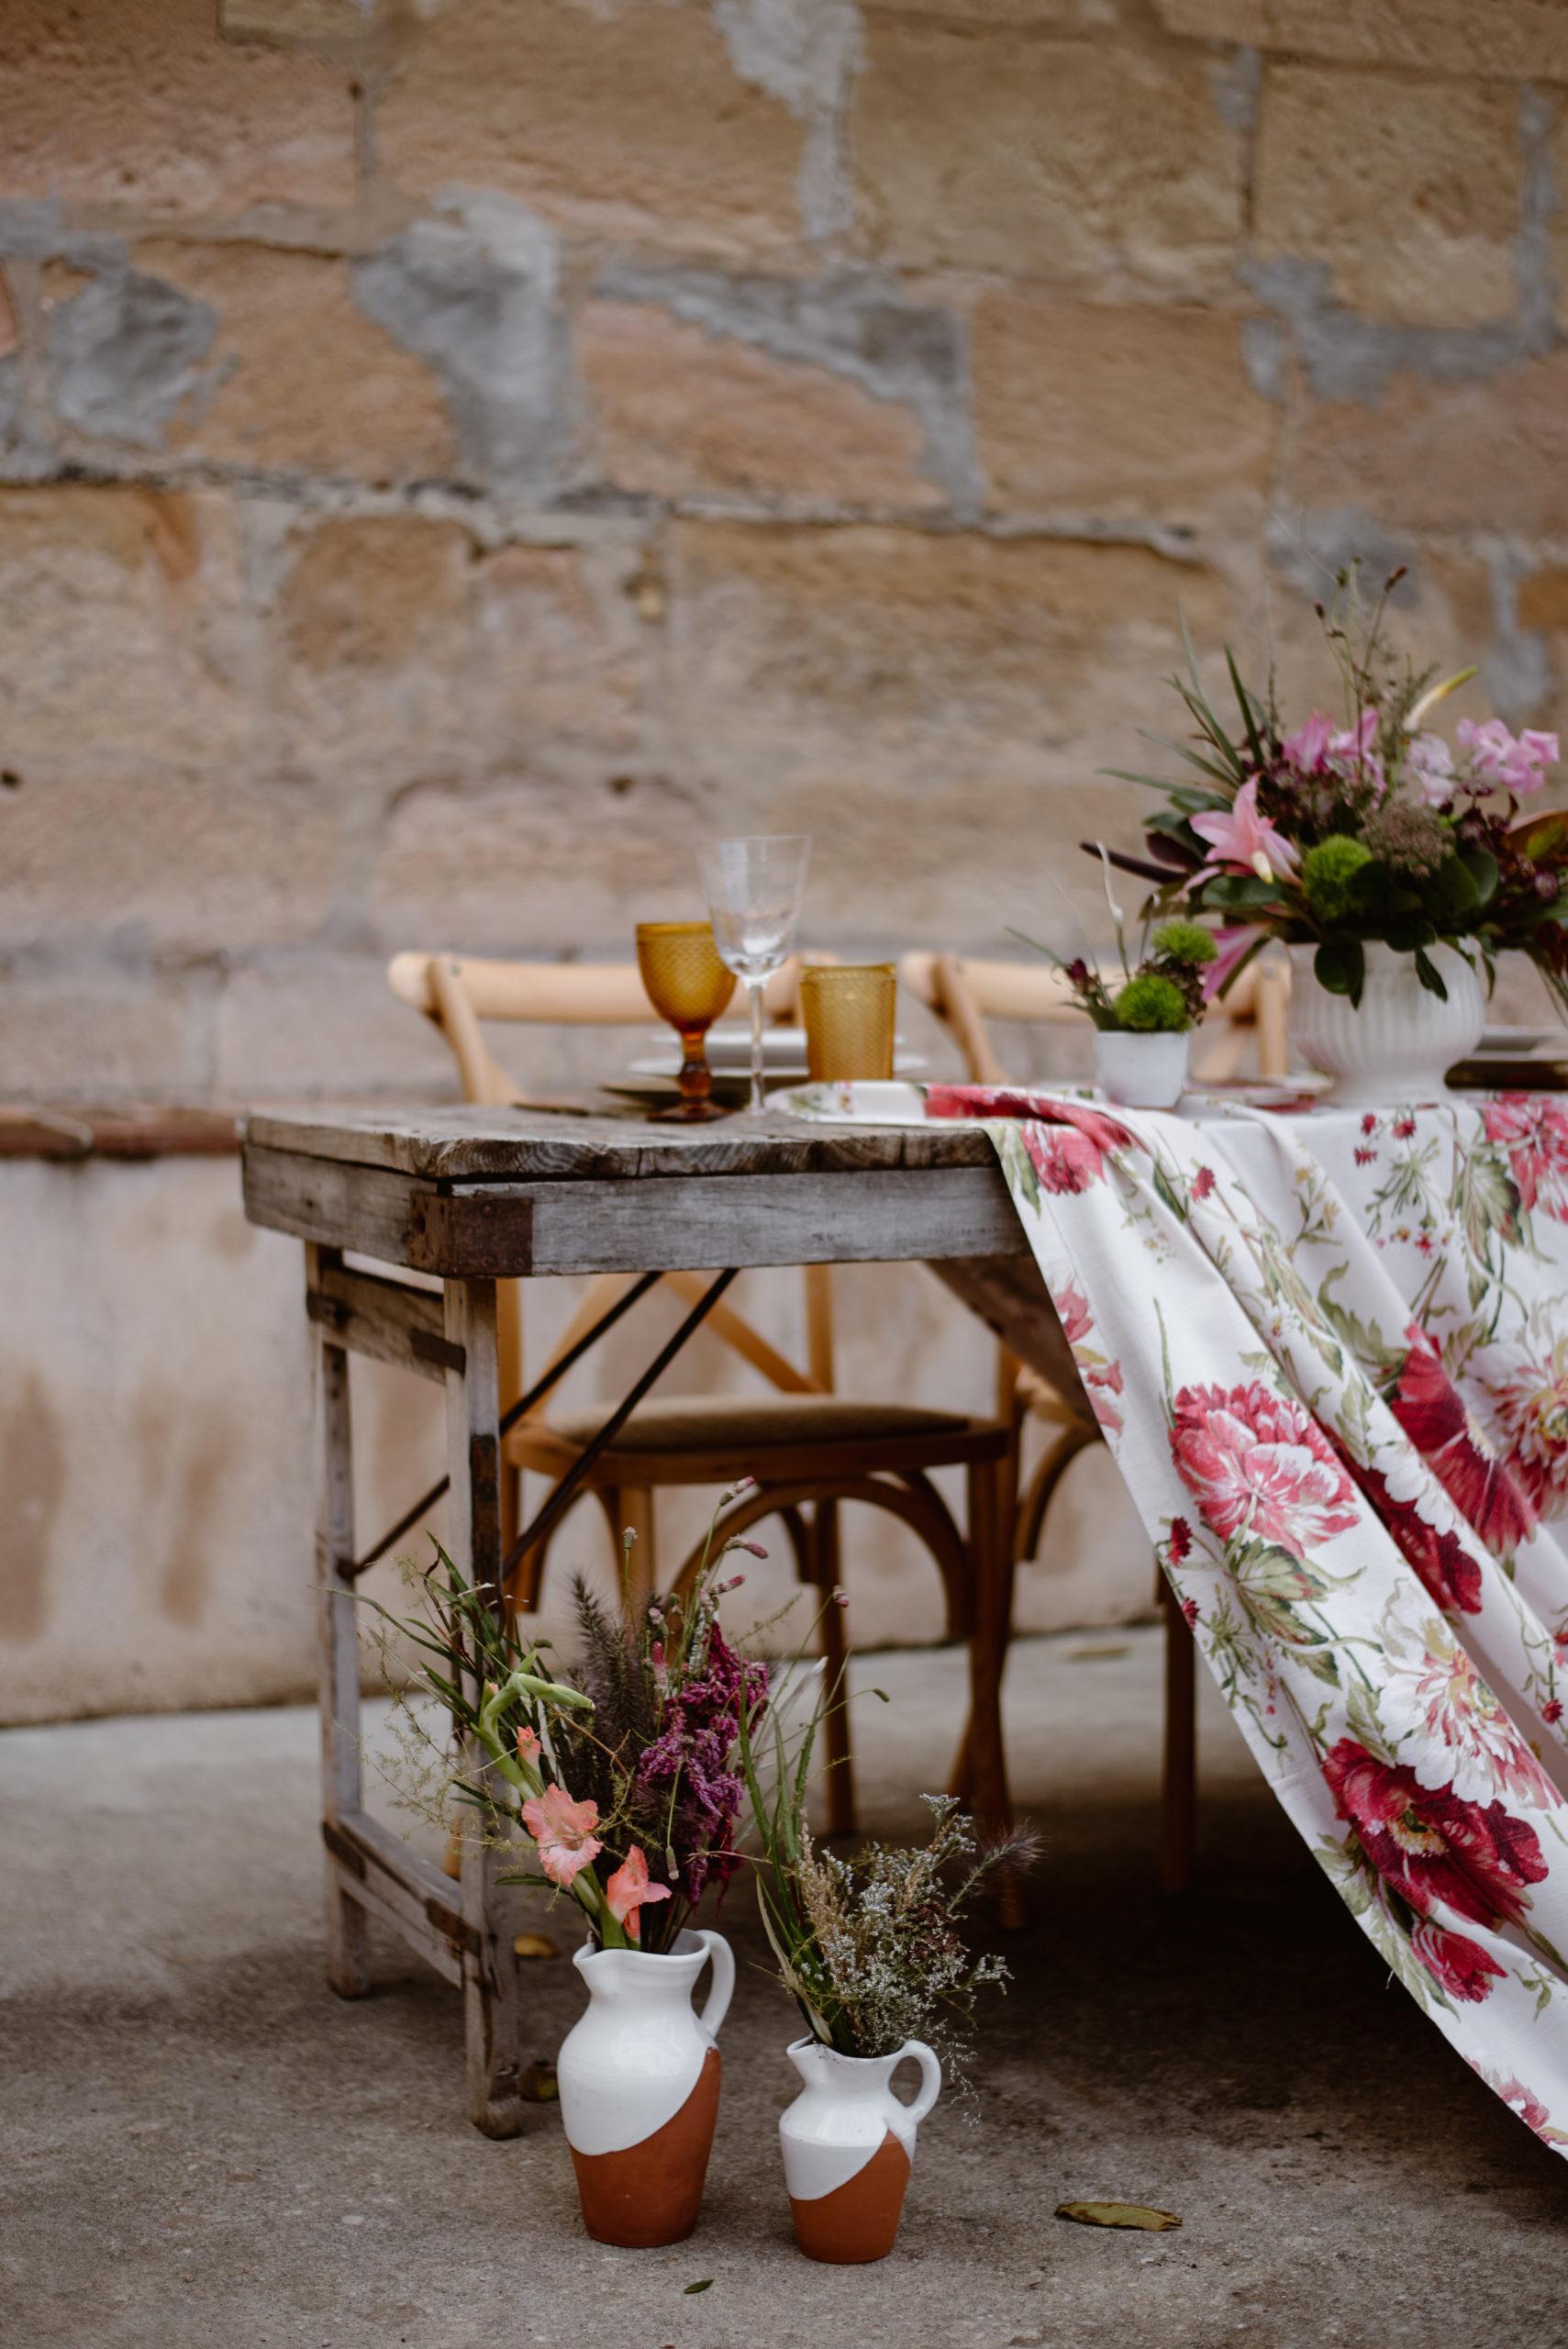 Mesa rústica con mantel floral, vasijas, sillas de madera y copas de colores en alquiler